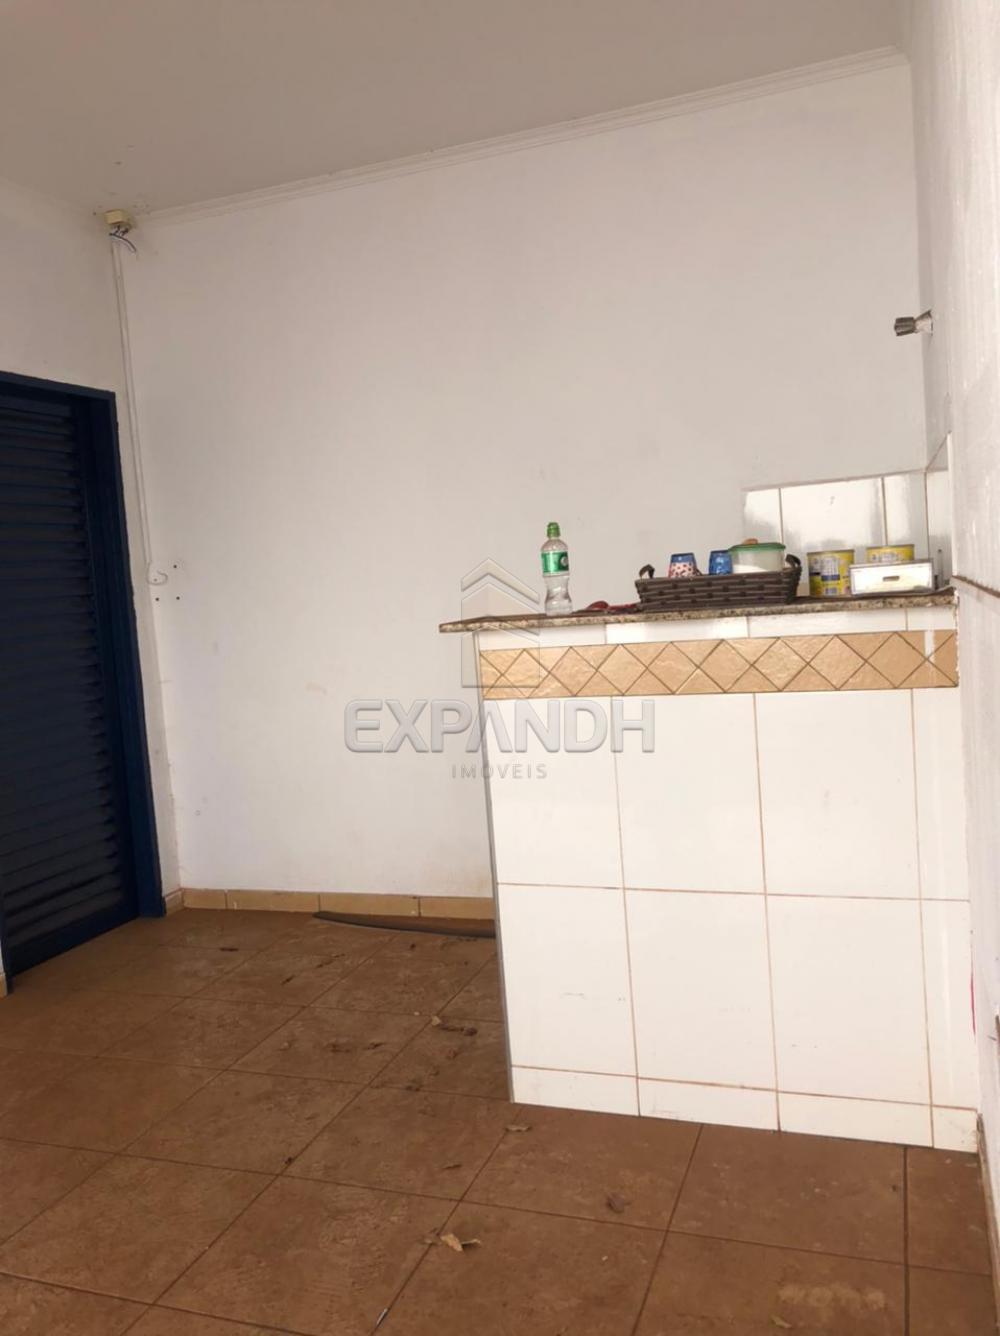 Alugar Comerciais / Ponto Comercial em Sertãozinho R$ 1.600,00 - Foto 2